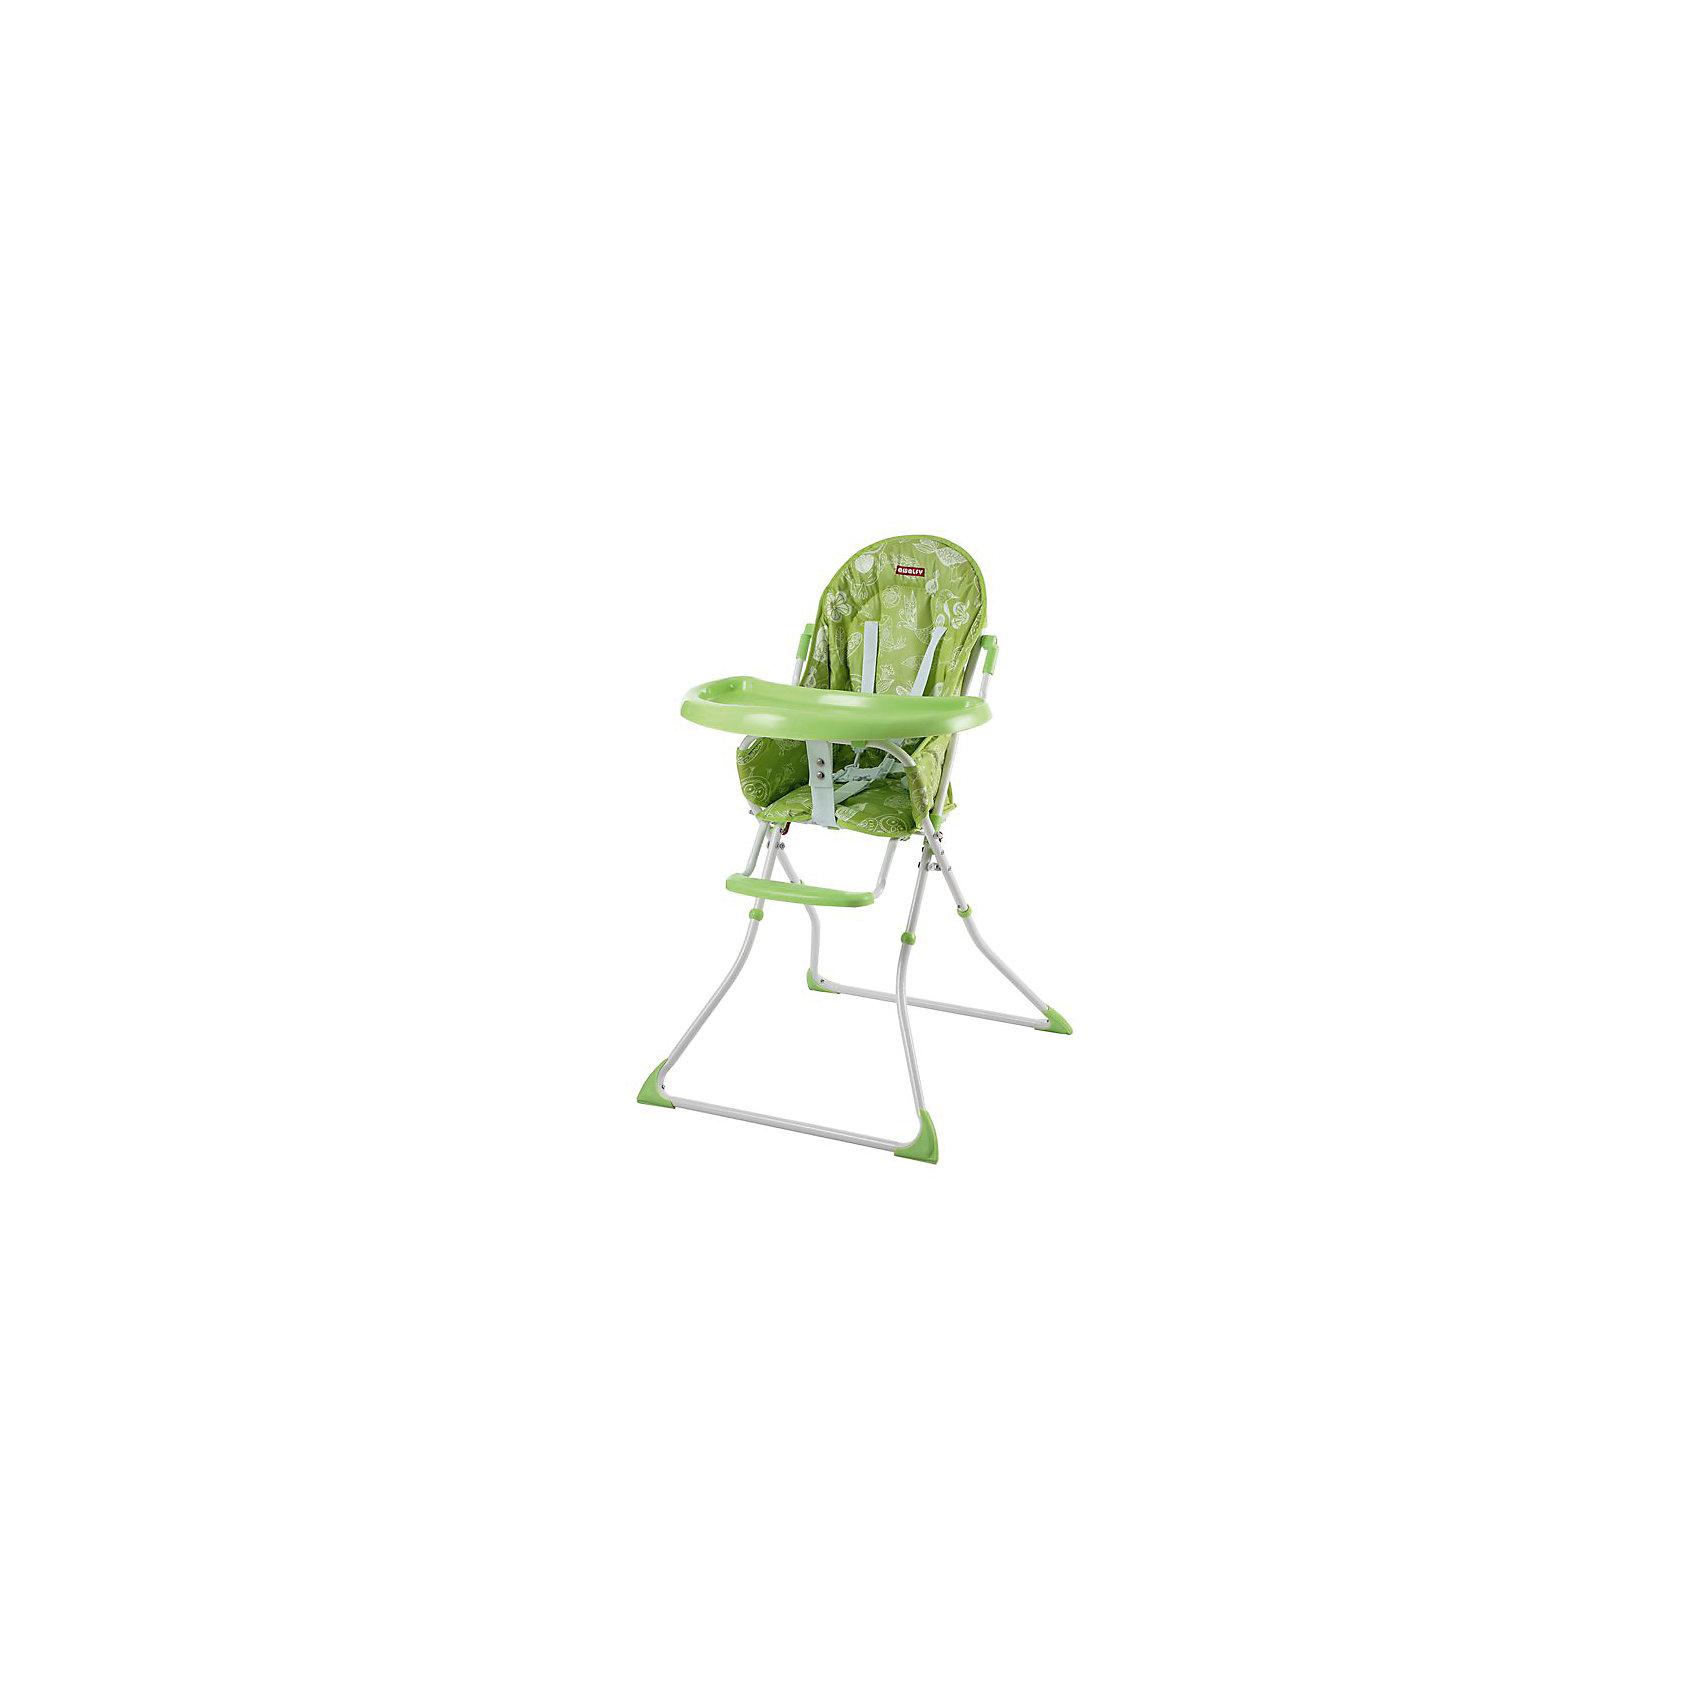 Стульчик для кормления НB-8003  Amalfy, Happy Baby, green